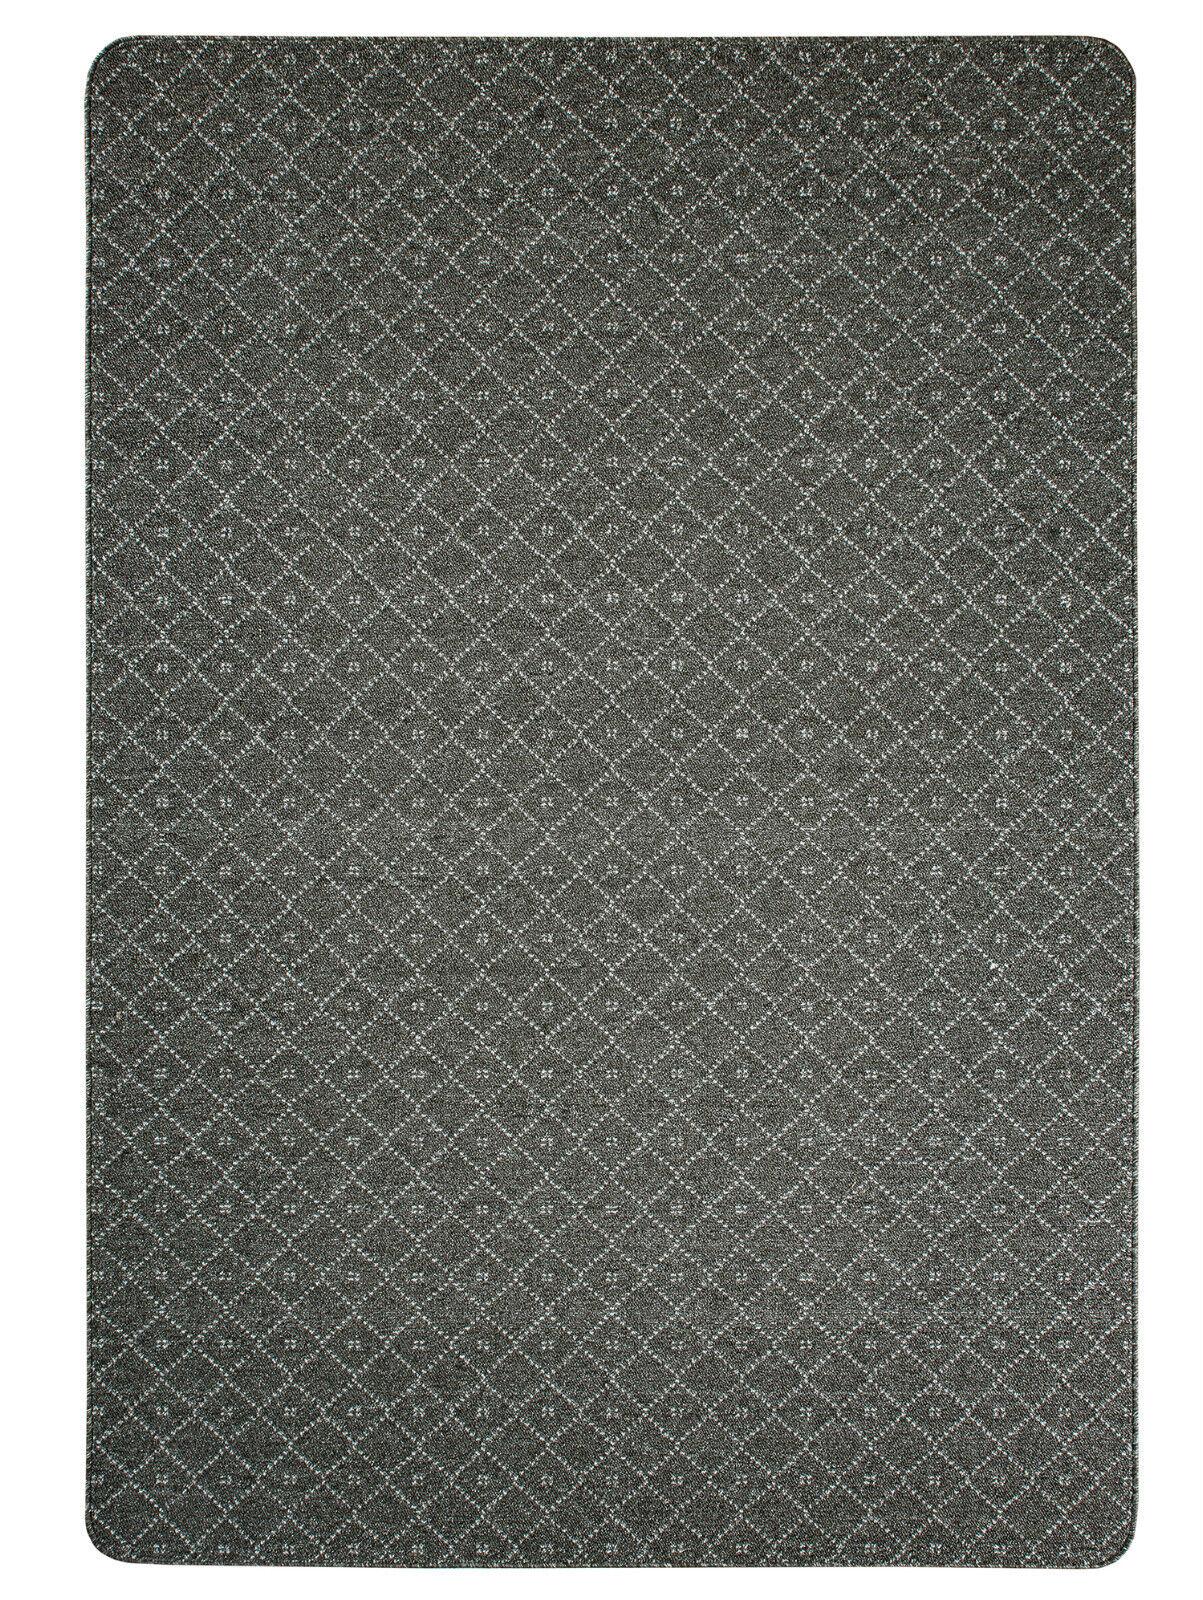 Teppich Kurzflor Hochwertig Rutschfest Ariston-Dunkelgrau 120 140 160 200